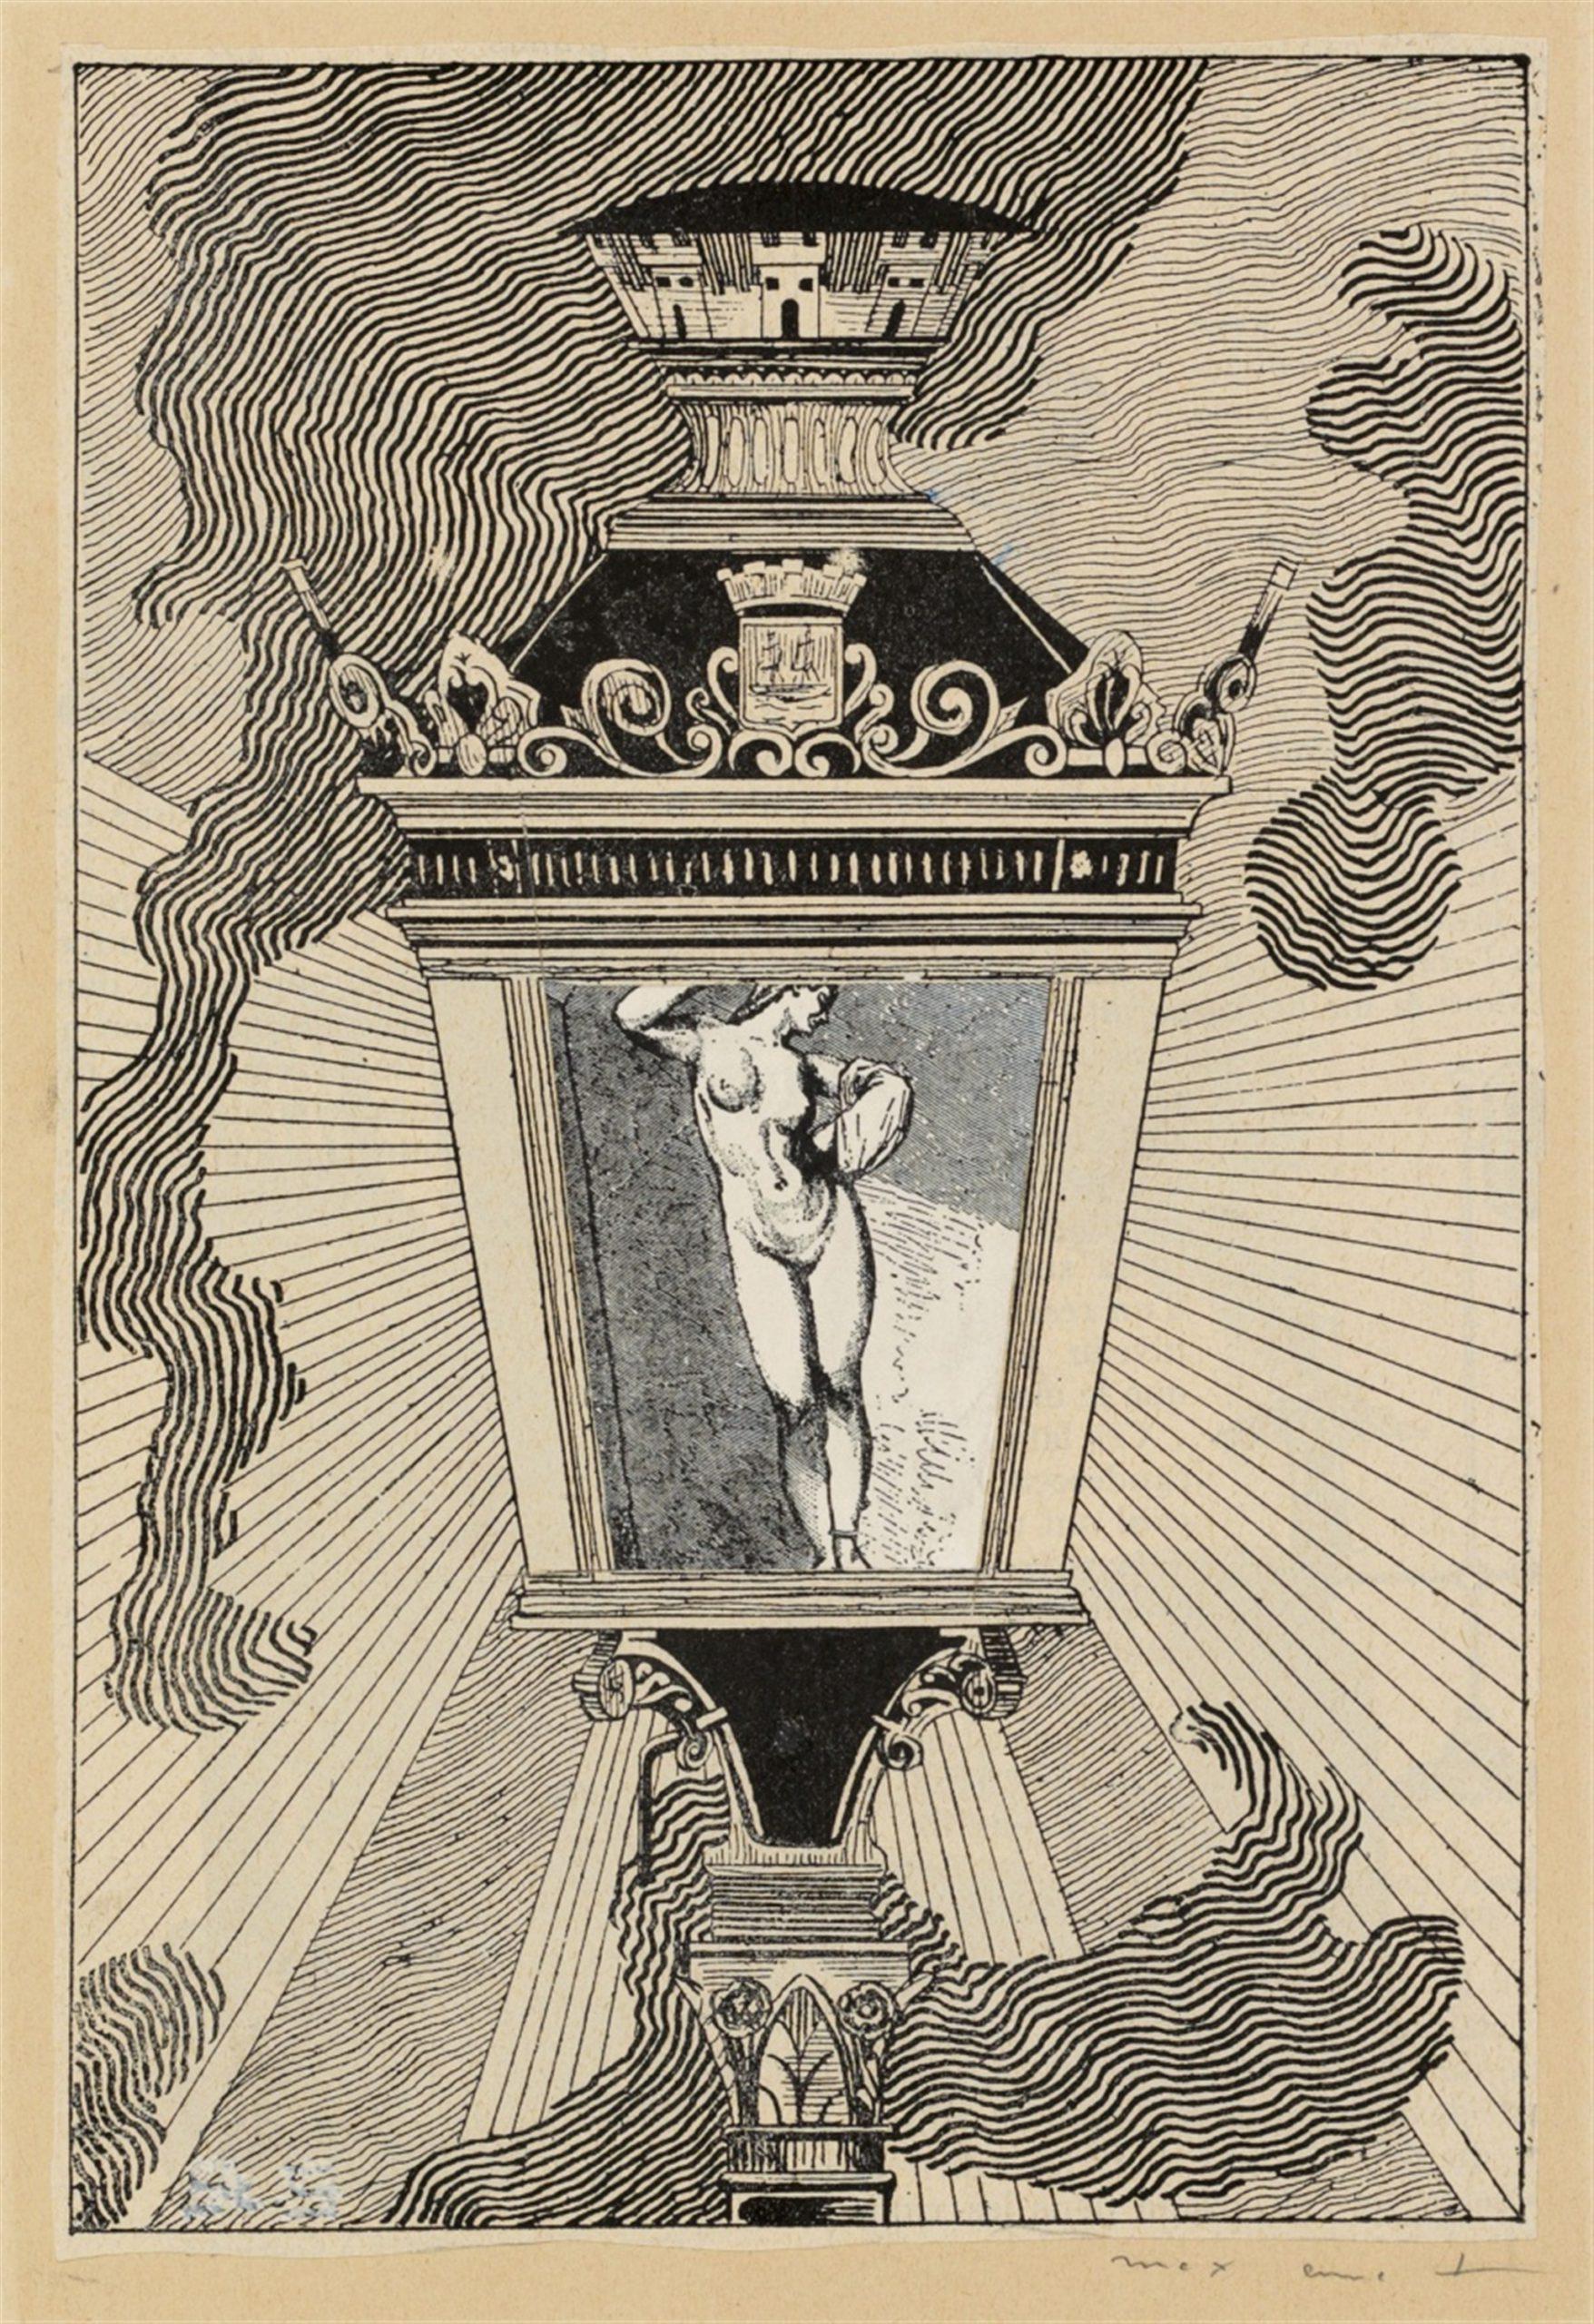 Max Ernst Brühl 1891 - 1976 Paris La Ballade du Soldat (Dans les ténèbres) 1971 Collage of two imprinted papers, mounted on card.